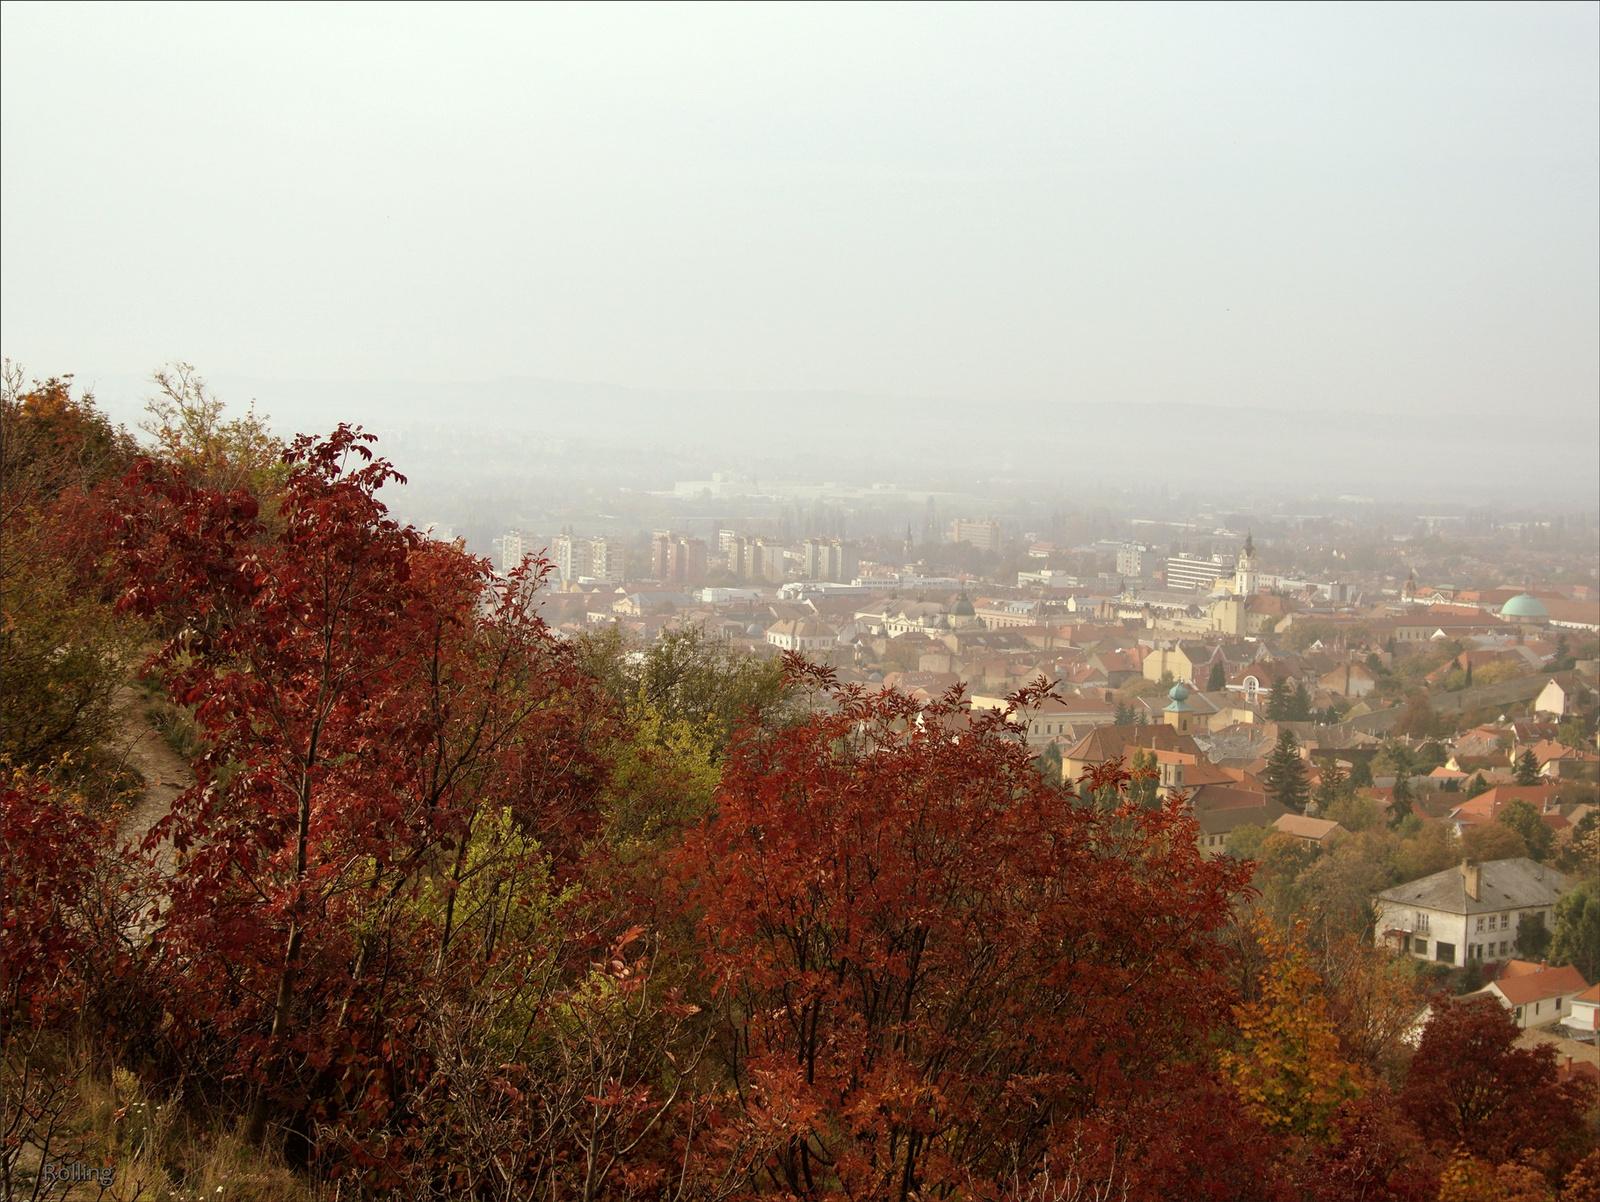 Ködben ,szmogban a város.